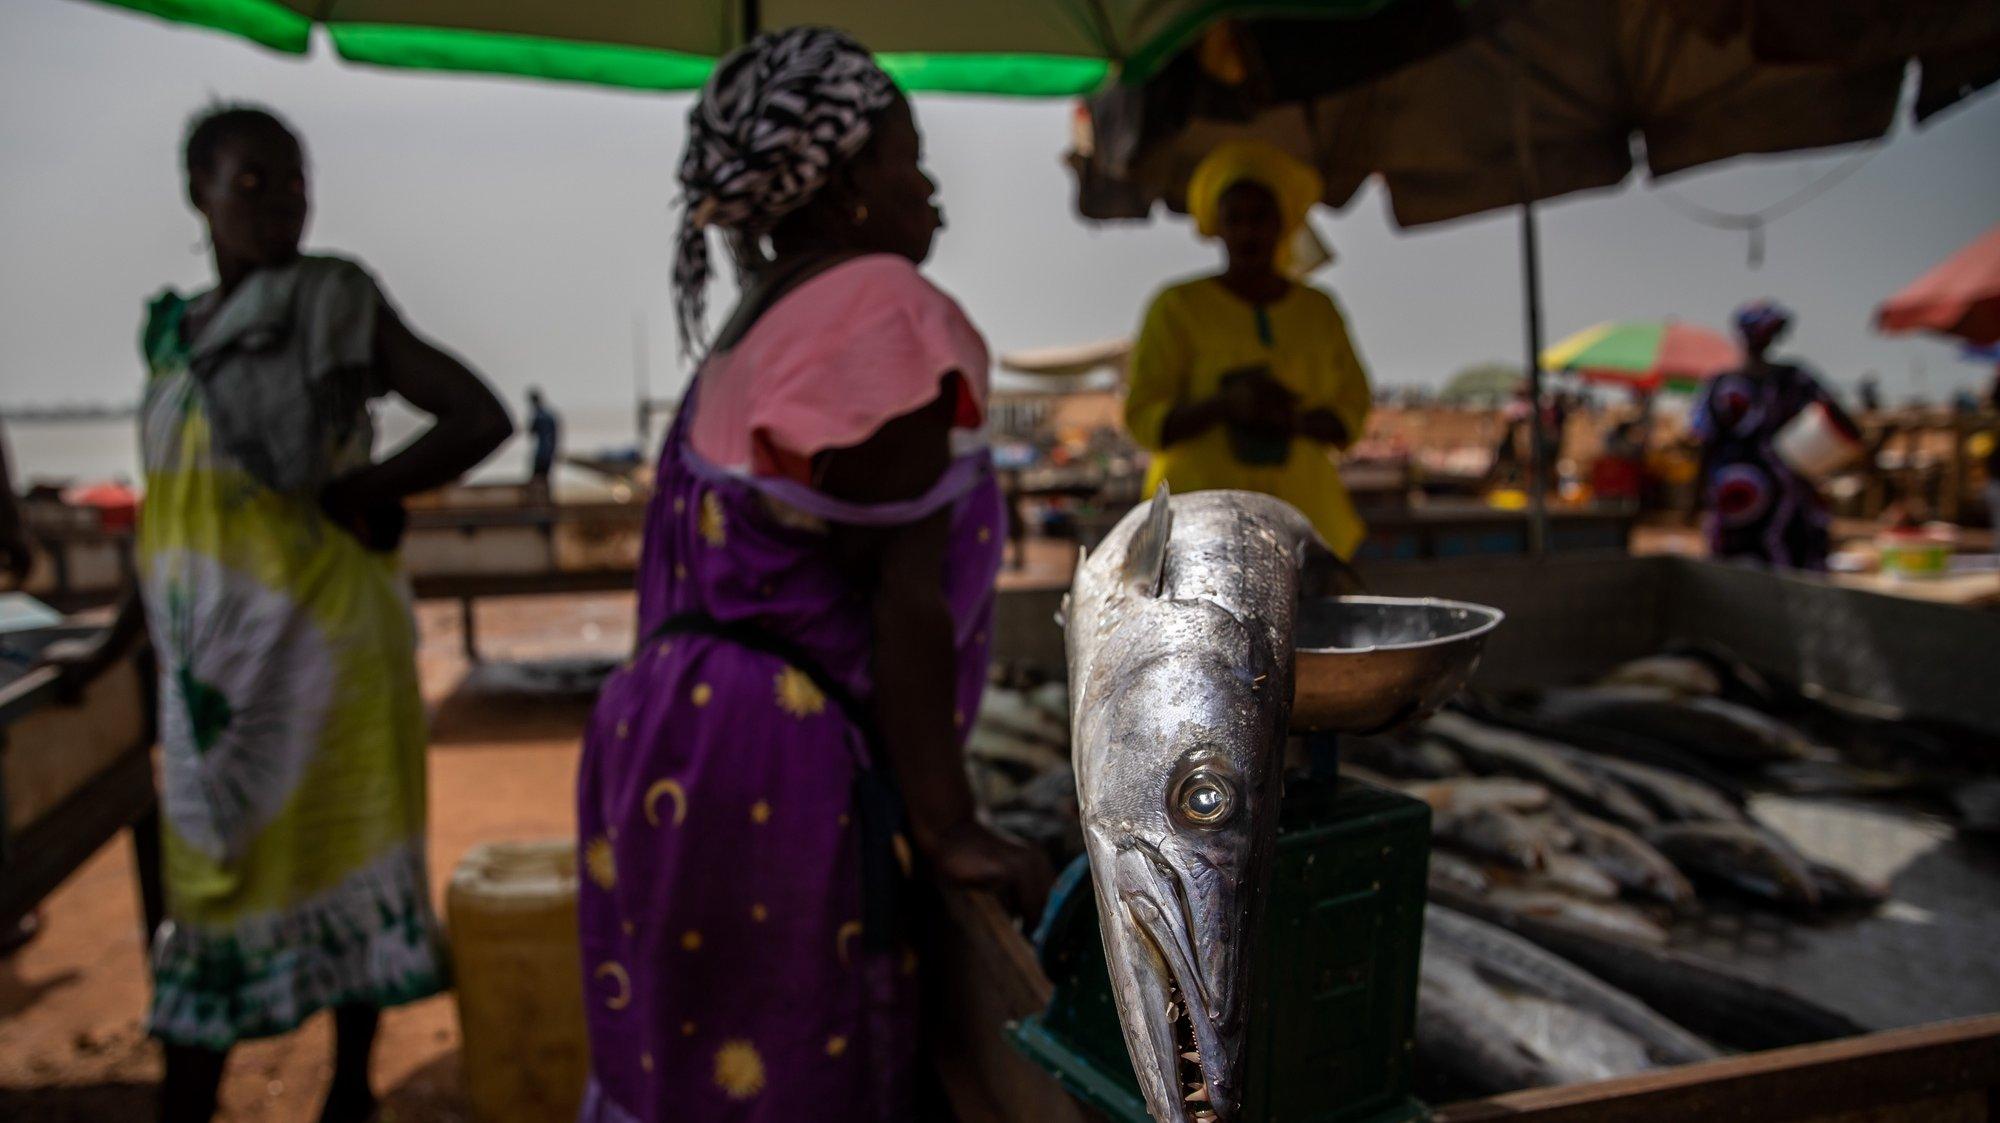 Comerciantes e populares negoceiam no mercado de peixe no Porto de Bissau, na Guiné-Bissau, 17 de maio de 2021. JOSÉ SENA GOULÃO/LUSA